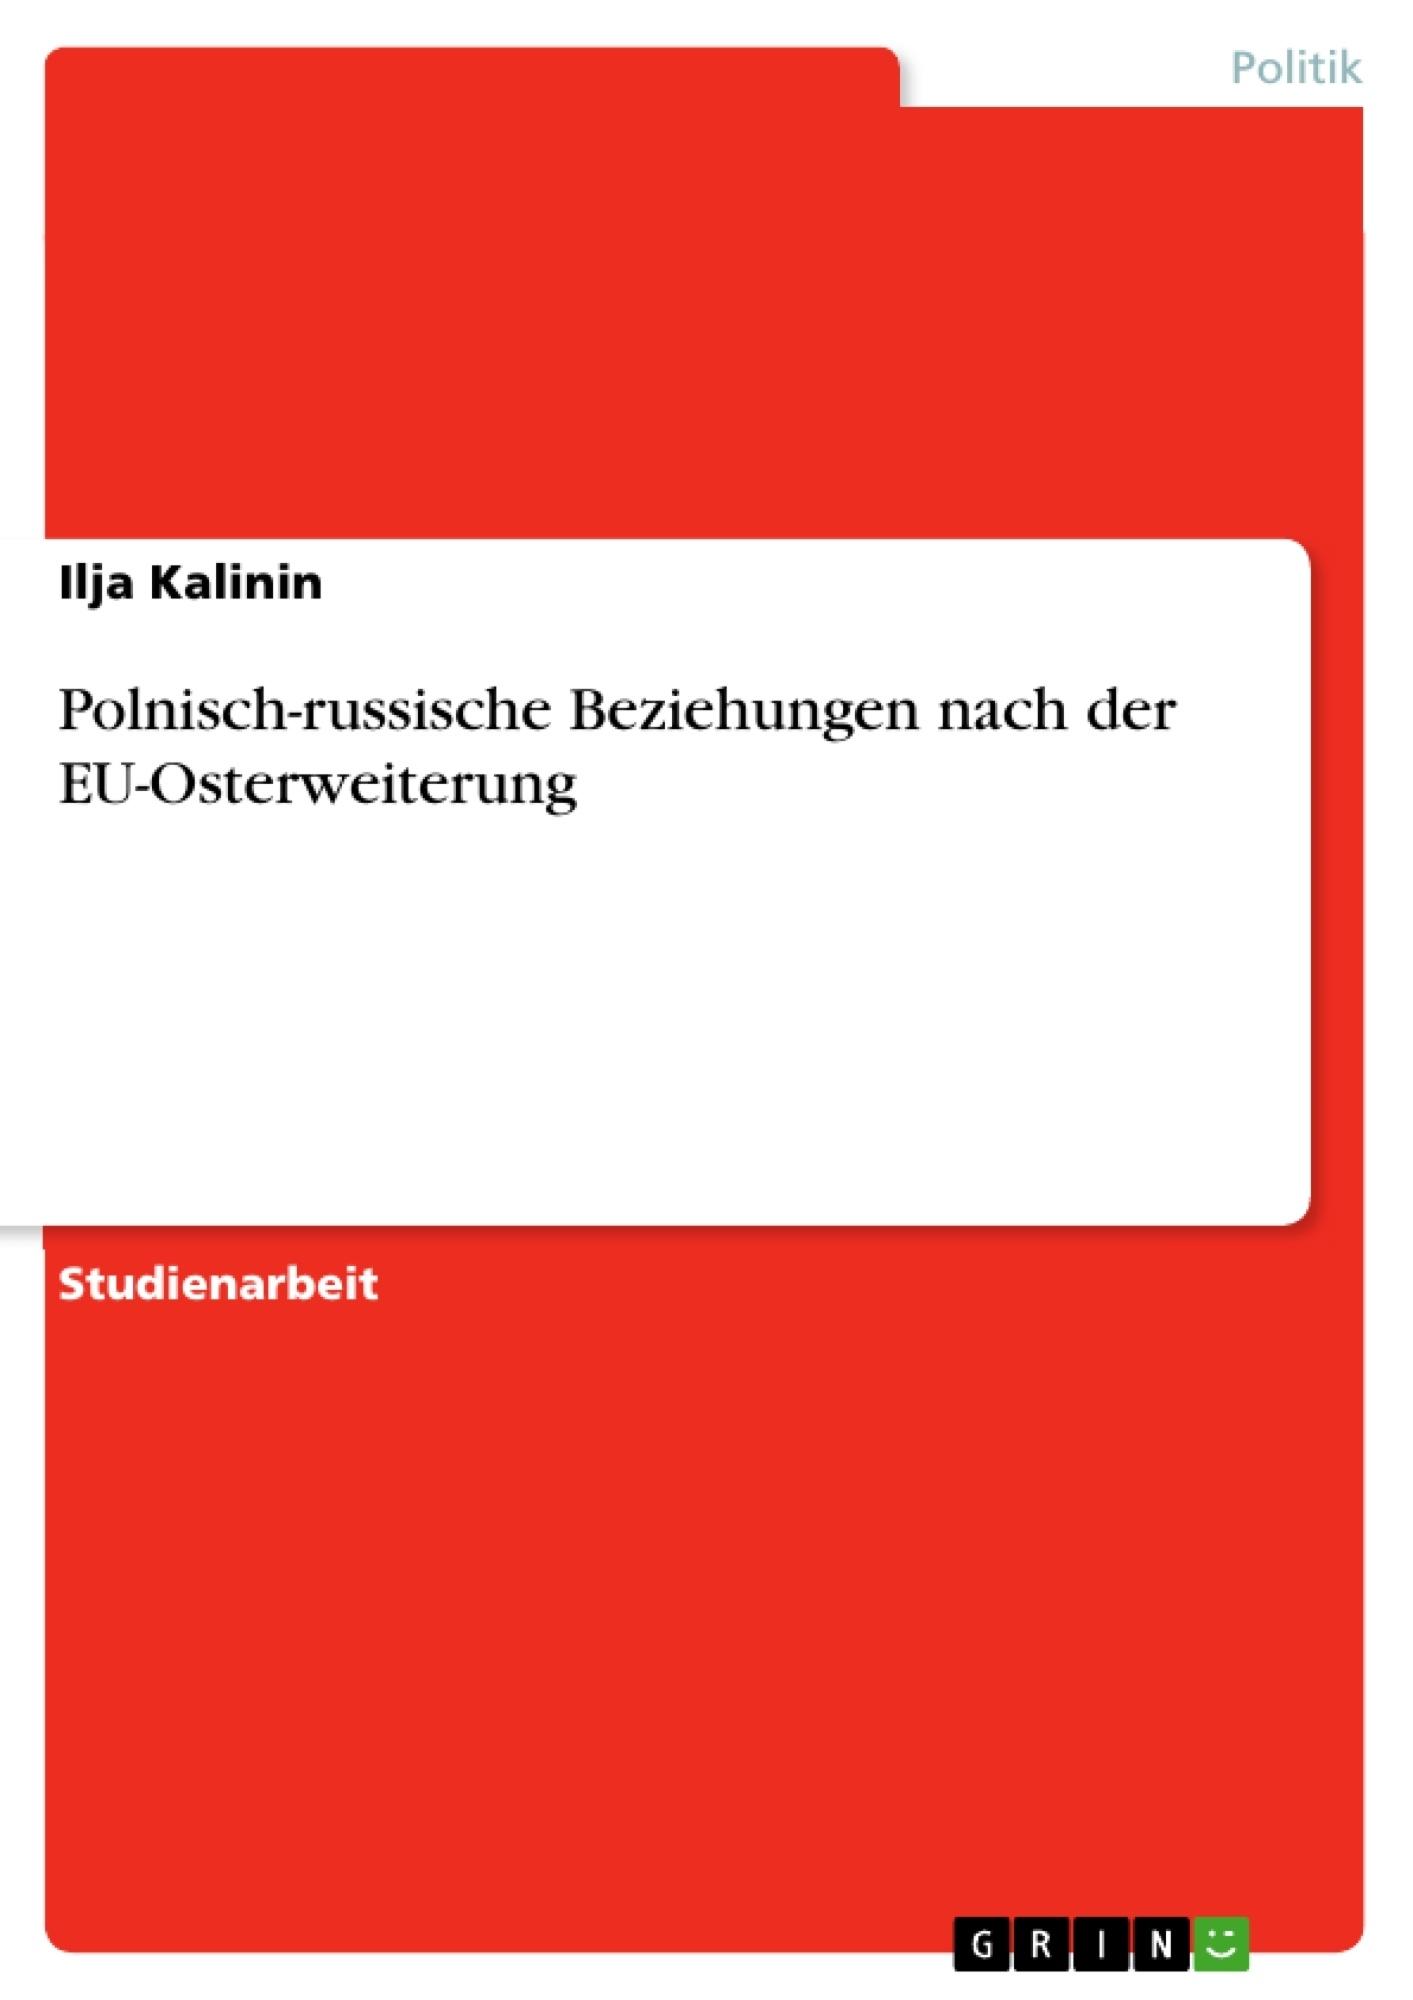 Titel: Polnisch-russische Beziehungen nach der EU-Osterweiterung